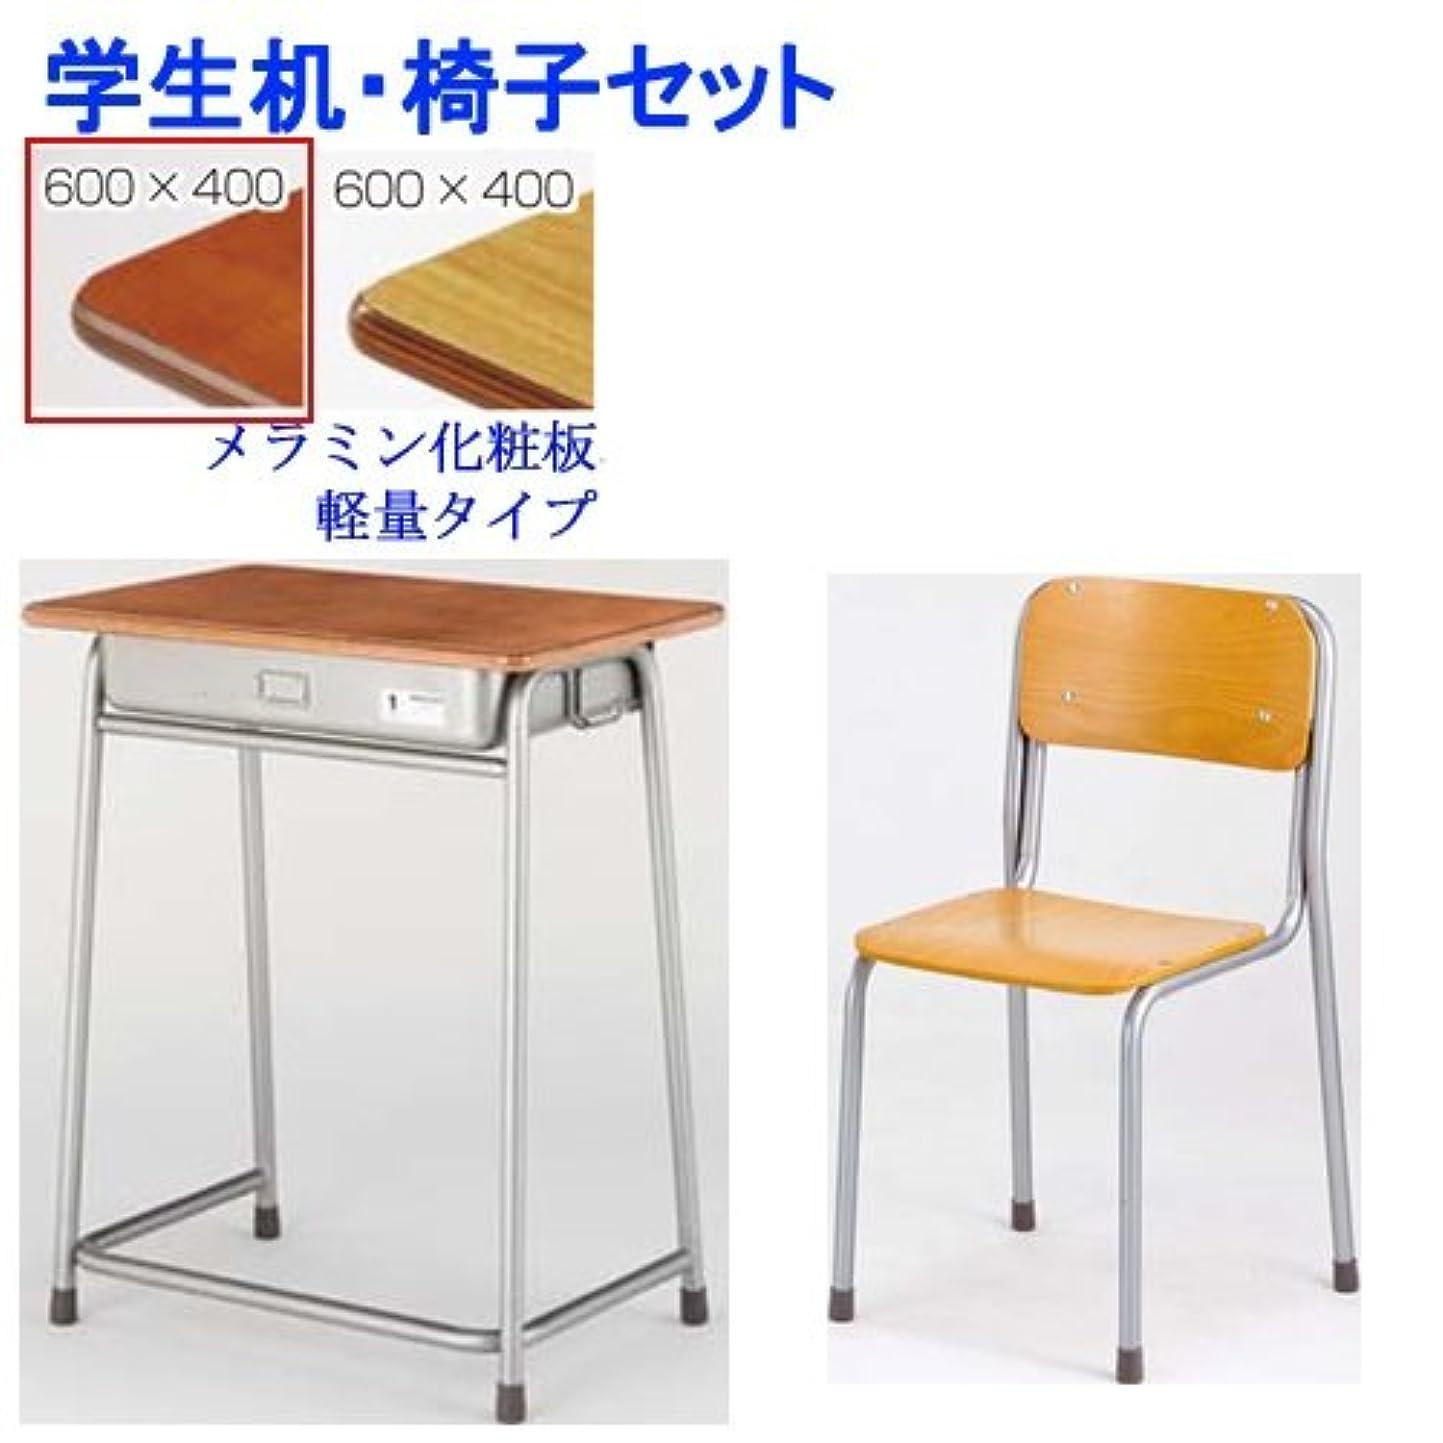 ジョットディボンドン地域良心的完成品 ホウトク 学習机 椅子 セット 59-G2-D-BK12-S3 (カバ材柄 BK122, 旧JIS1号)